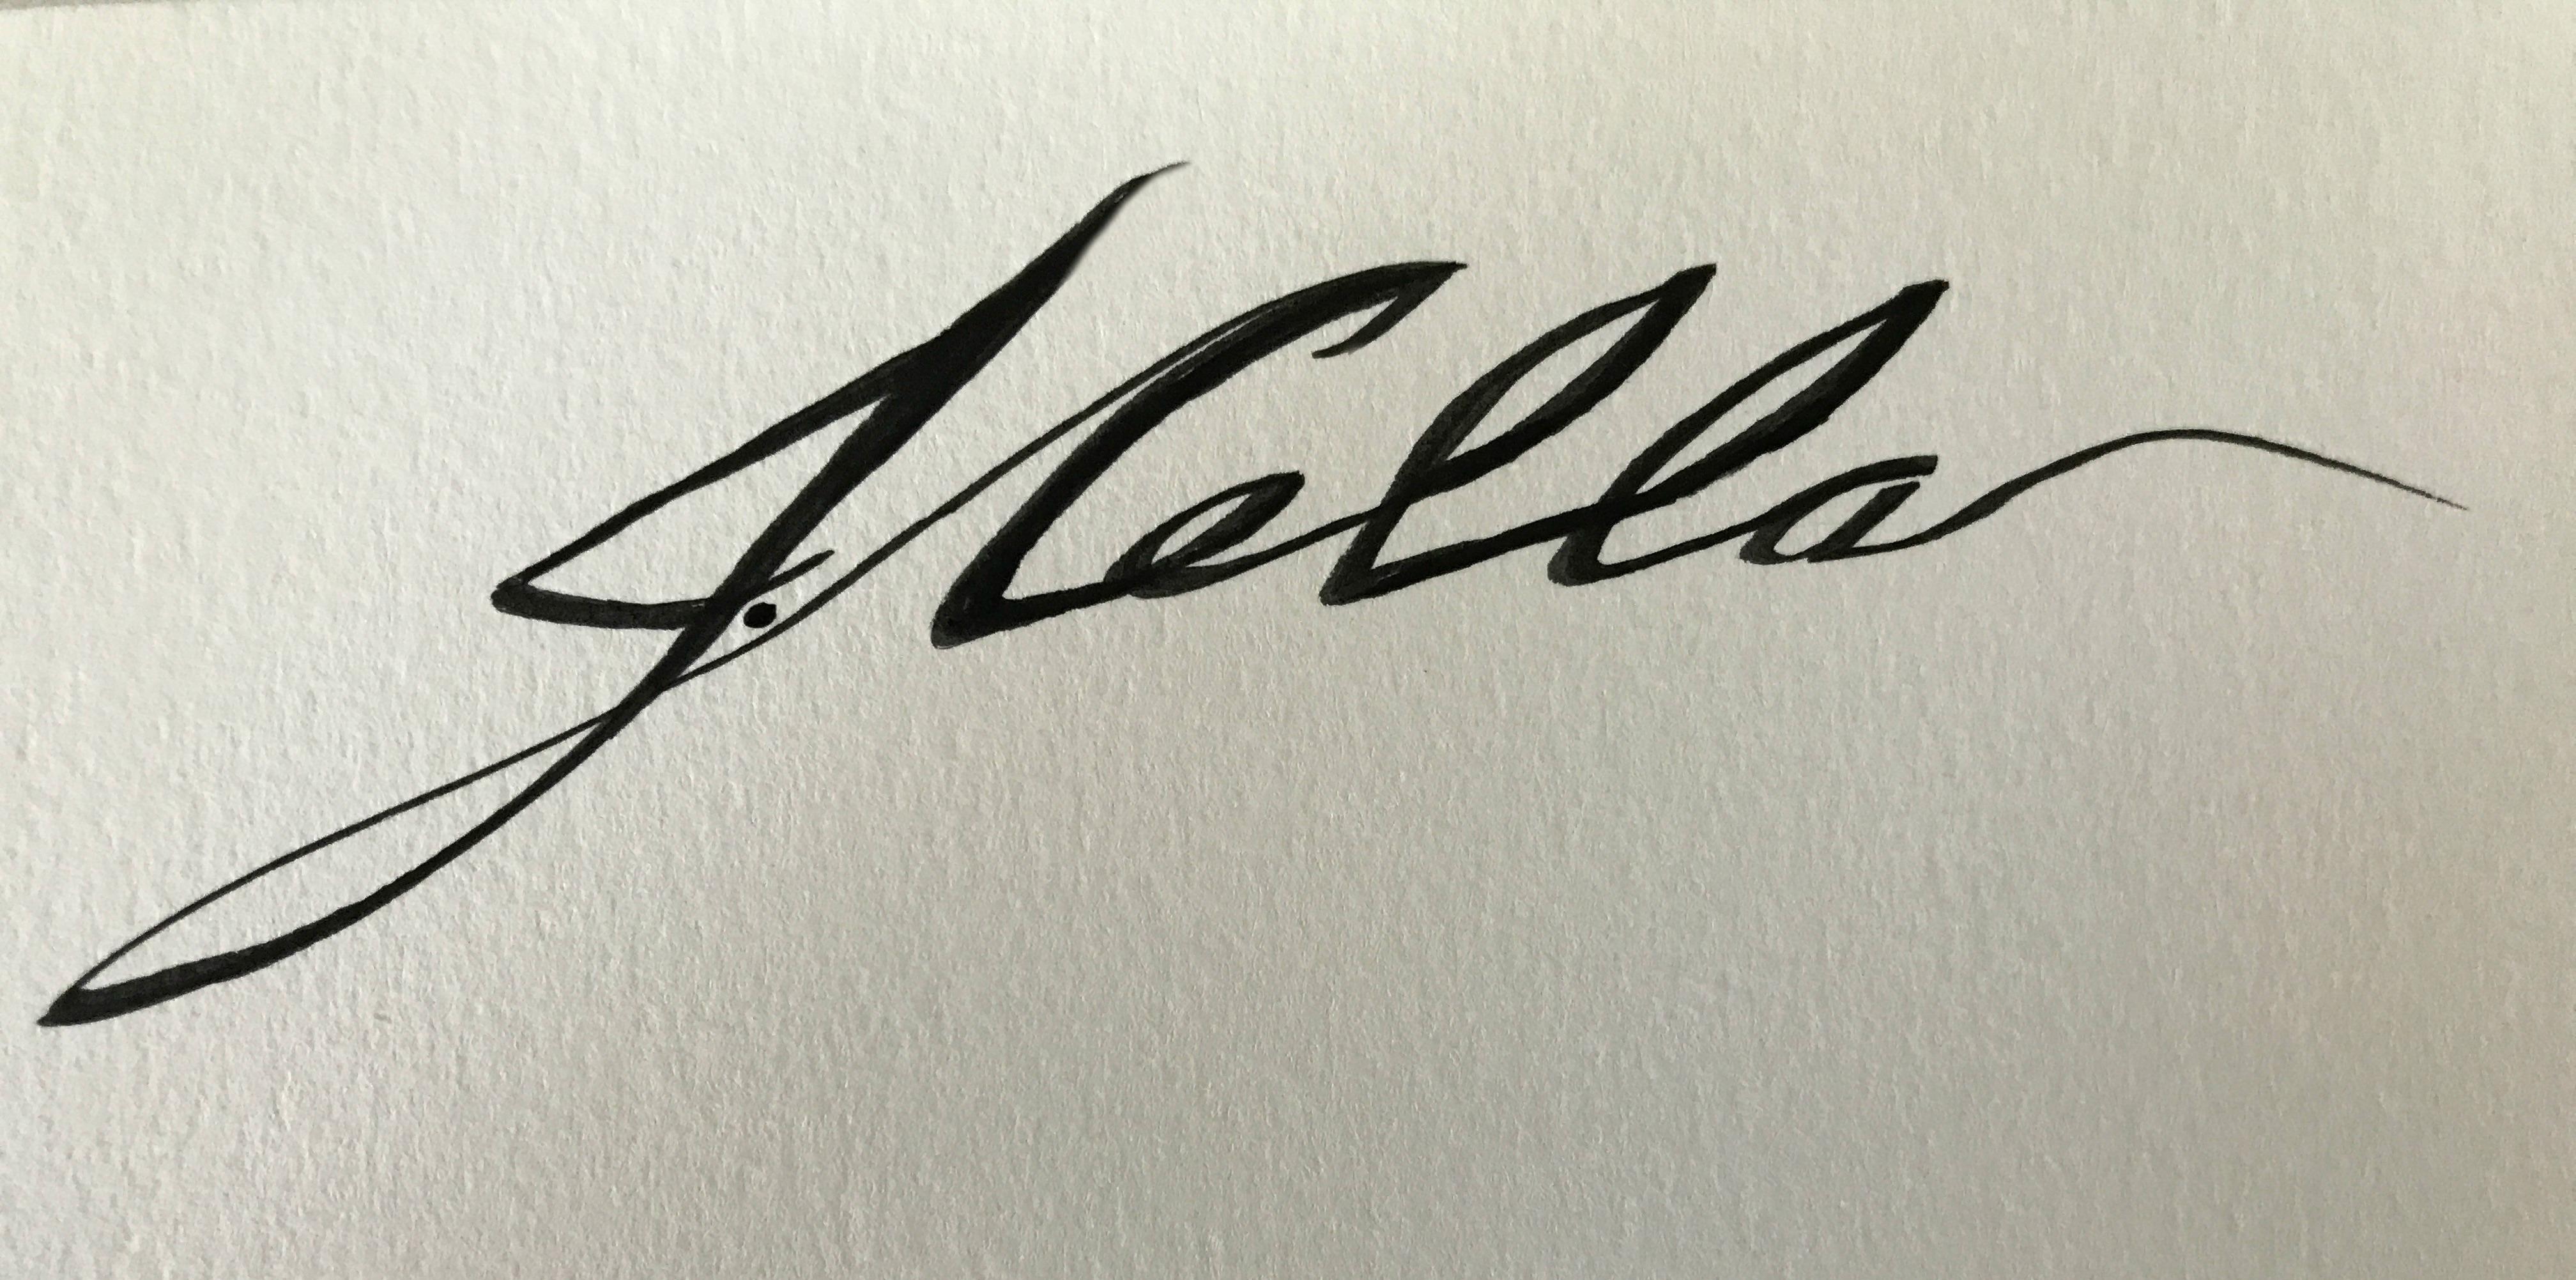 Joann Cella Signature